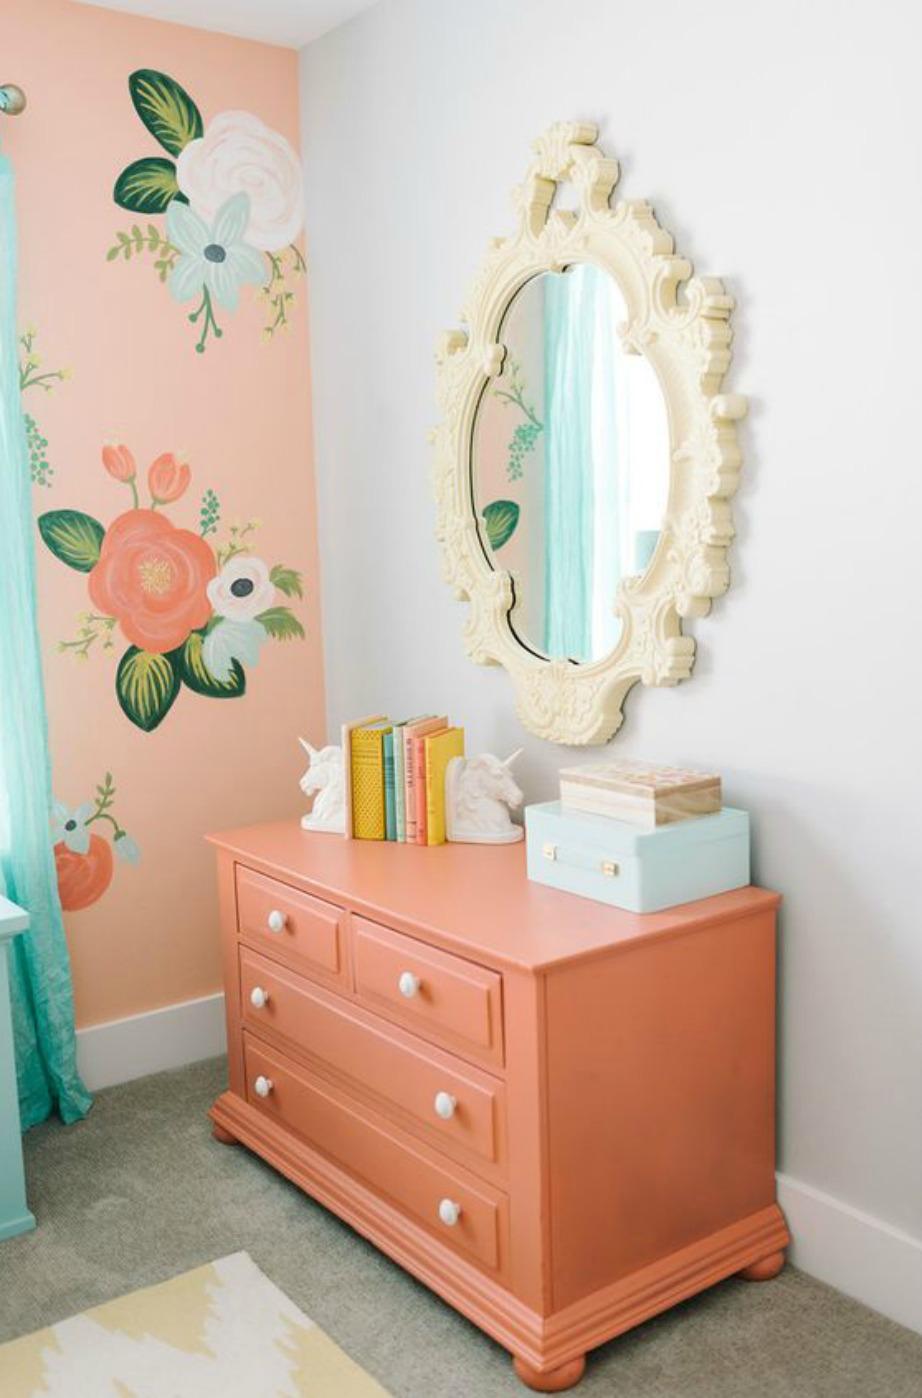 Επιλέξτε φλοράλ ταπετσαρία σε συγκεκριμένες γωνιές του δωματίου σας.